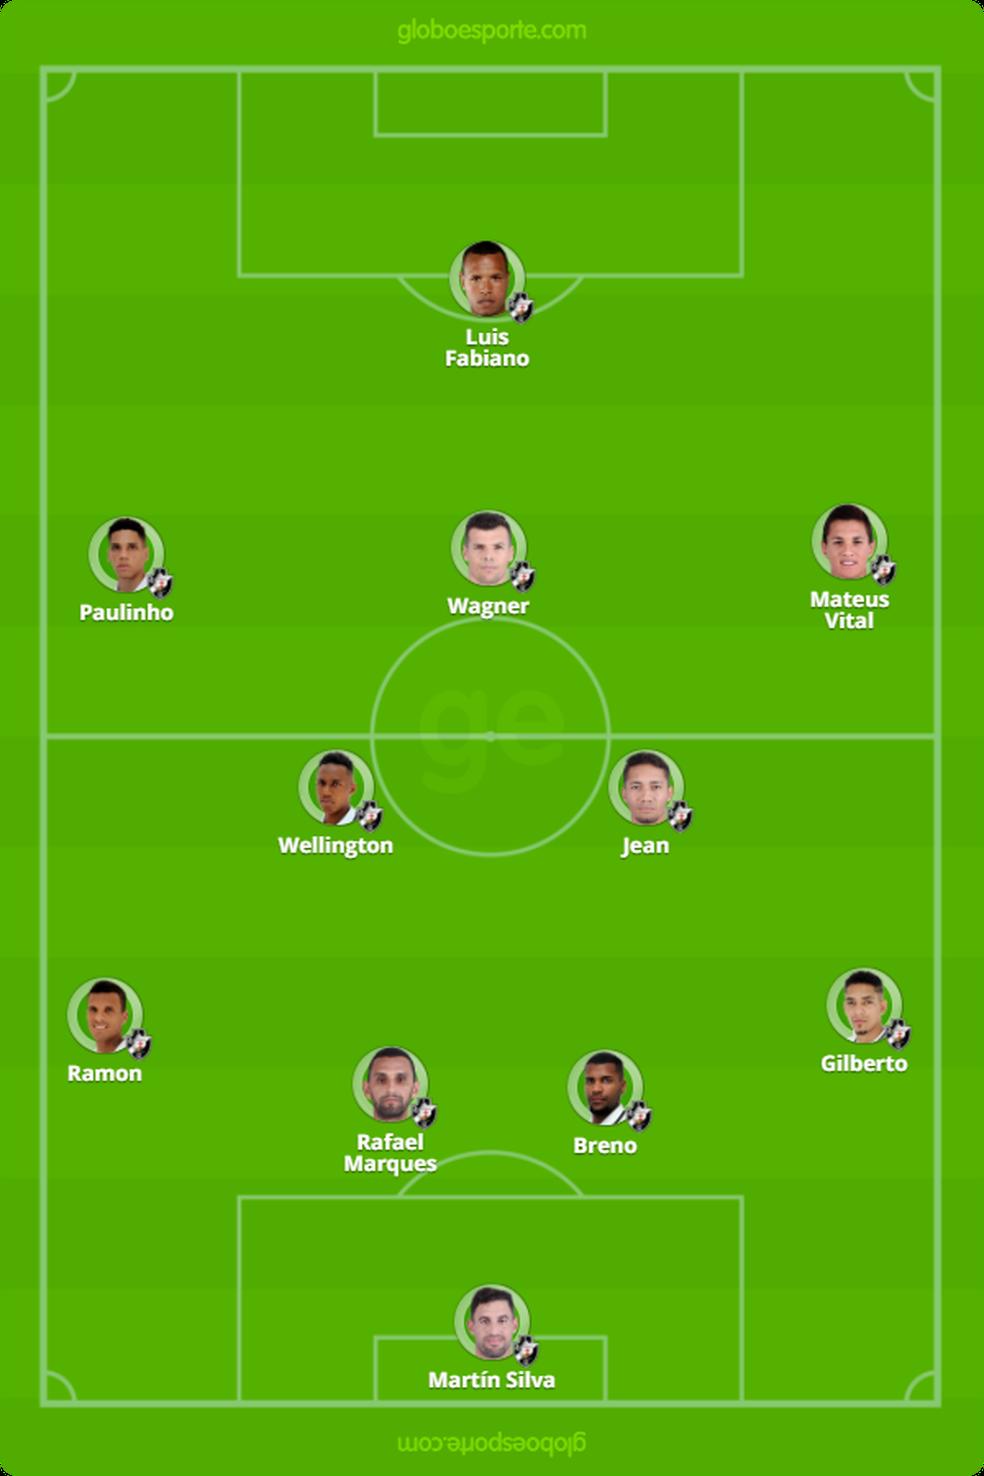 Provável escalação do Vasco para encarar o Palmeiras (Foto: GloboEsporte.com)